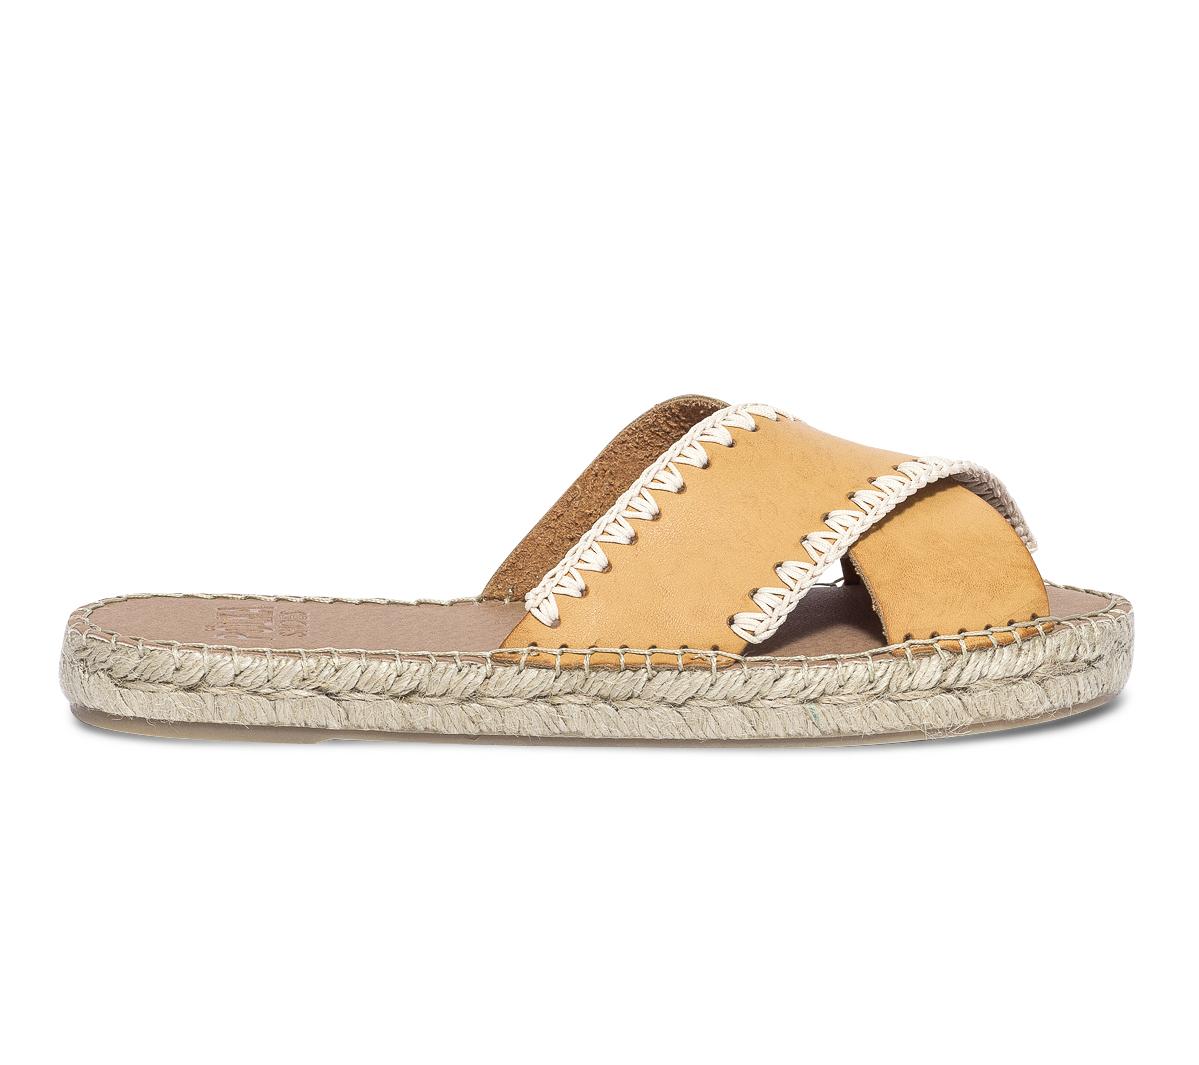 Shoes En Polka Cuir Camel Brides Croisées À Mule Plateforme edCBQrxoW